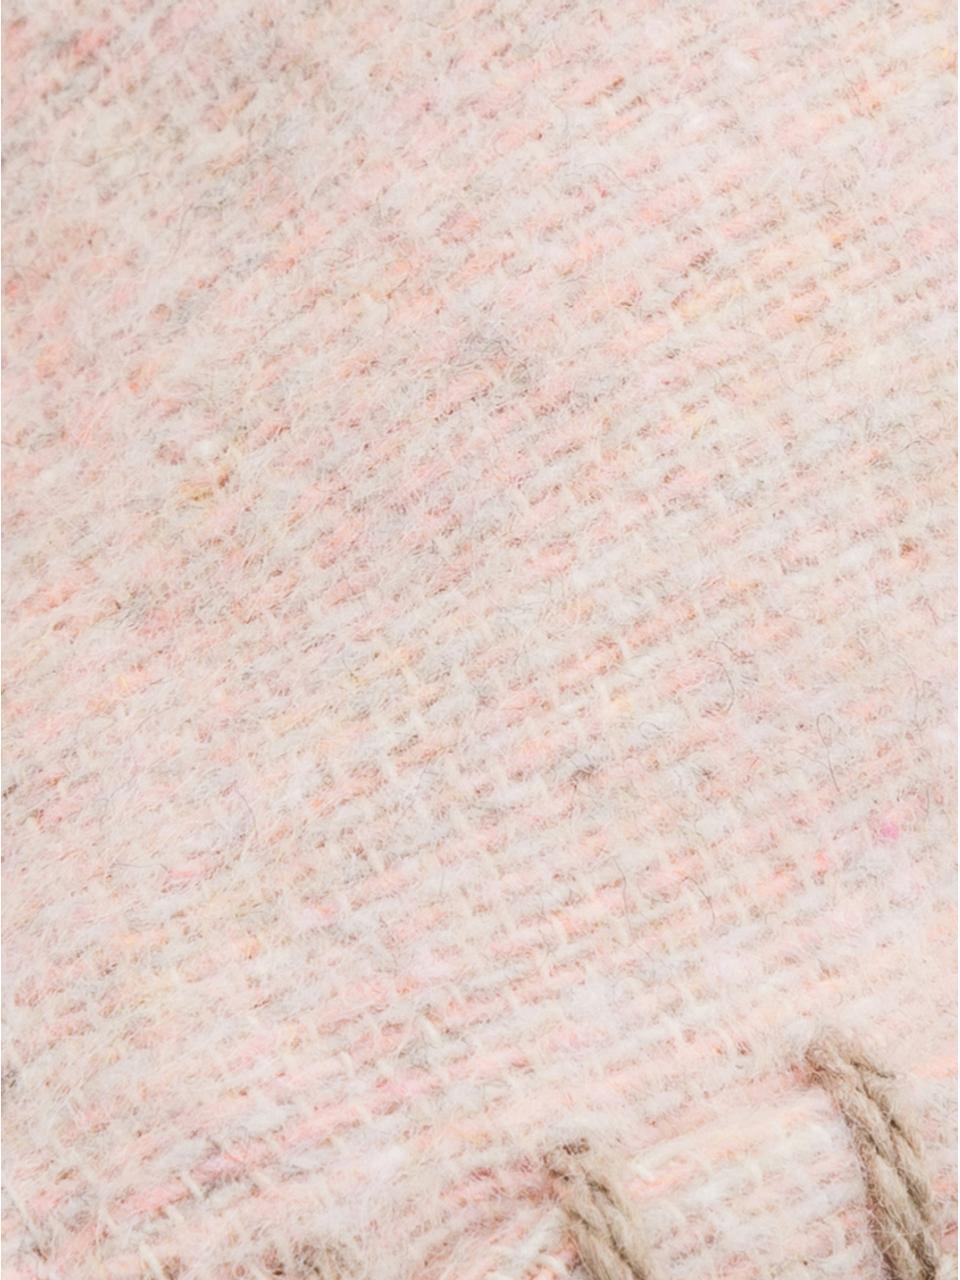 Federa arredo in pile rosa cipria Sylt, 85% cotone, 8% viscosa, 7% poliacrilico, Rosa cipria, crema, Larg. 40 x Lung. 40 cm